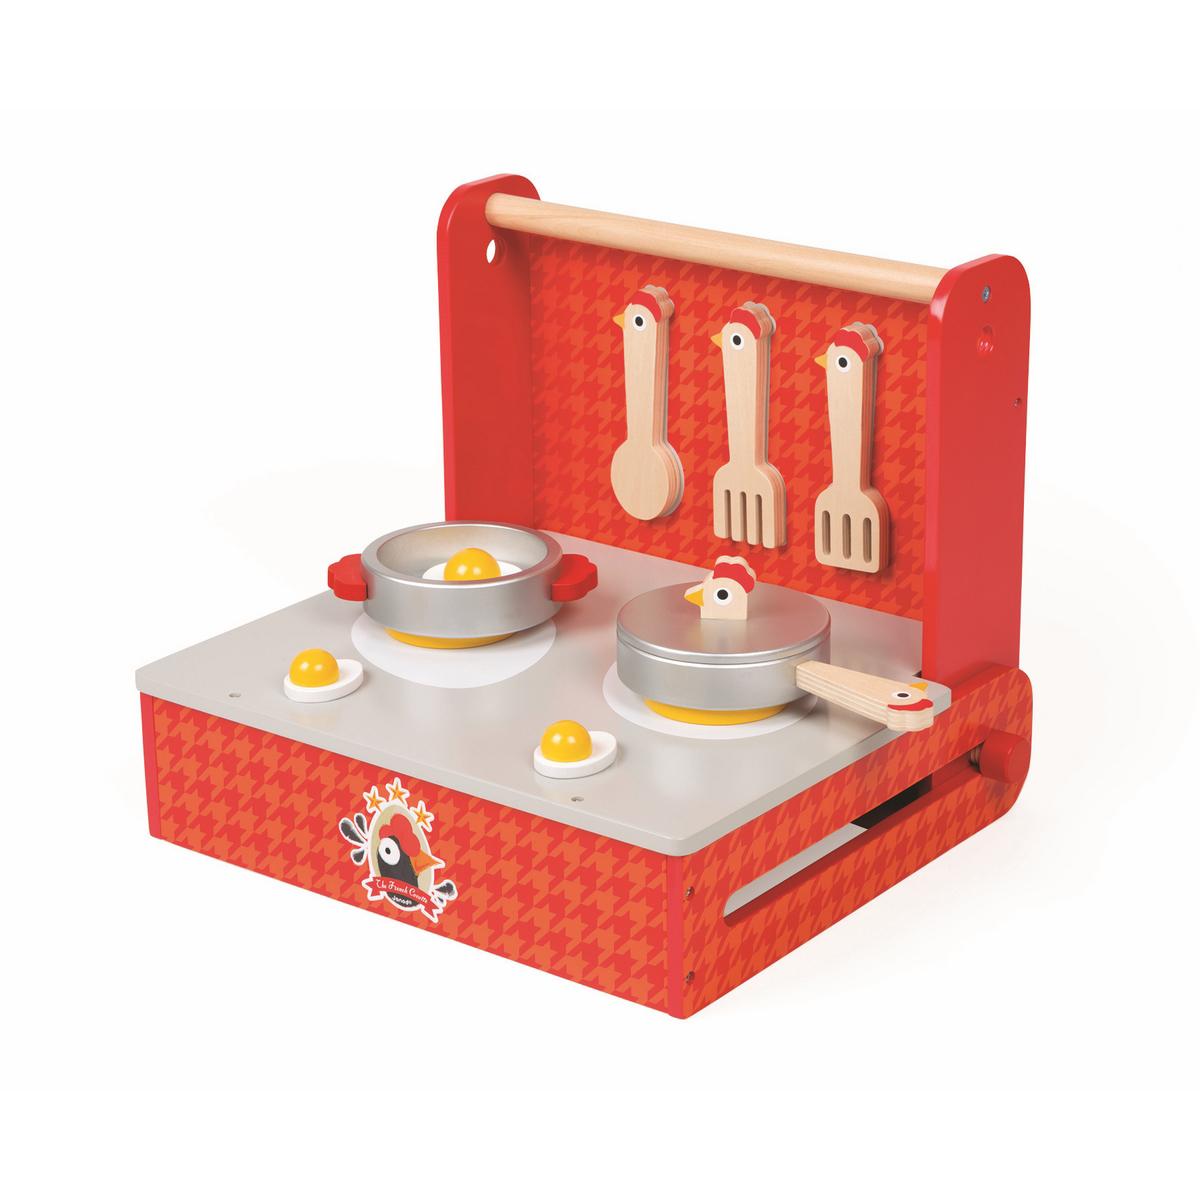 Janod Игрушечная переносная кухня Курочка 10 предметовJ06547Игрушечная переносная кухня Janod Курочка - великолепный подарок для вашего ребенка. Набор представляет собой переносной вариант игрушечной кухни, который можно взять с собой и в гости, и на дачу. Кухня оборудована плитой на две конфорки, кухонными приборами, посудой и муляжами еды. Все элементы набора выполнены из высококачественного материала и окрашены безопасными для ребенка красками. Имеются магнитные сцепления некоторых элементов. С помощью этого набора ваш ребенок сможет научиться правильно обращаться с кухонными принадлежностями. Порадуйте его таким замечательным подарком!